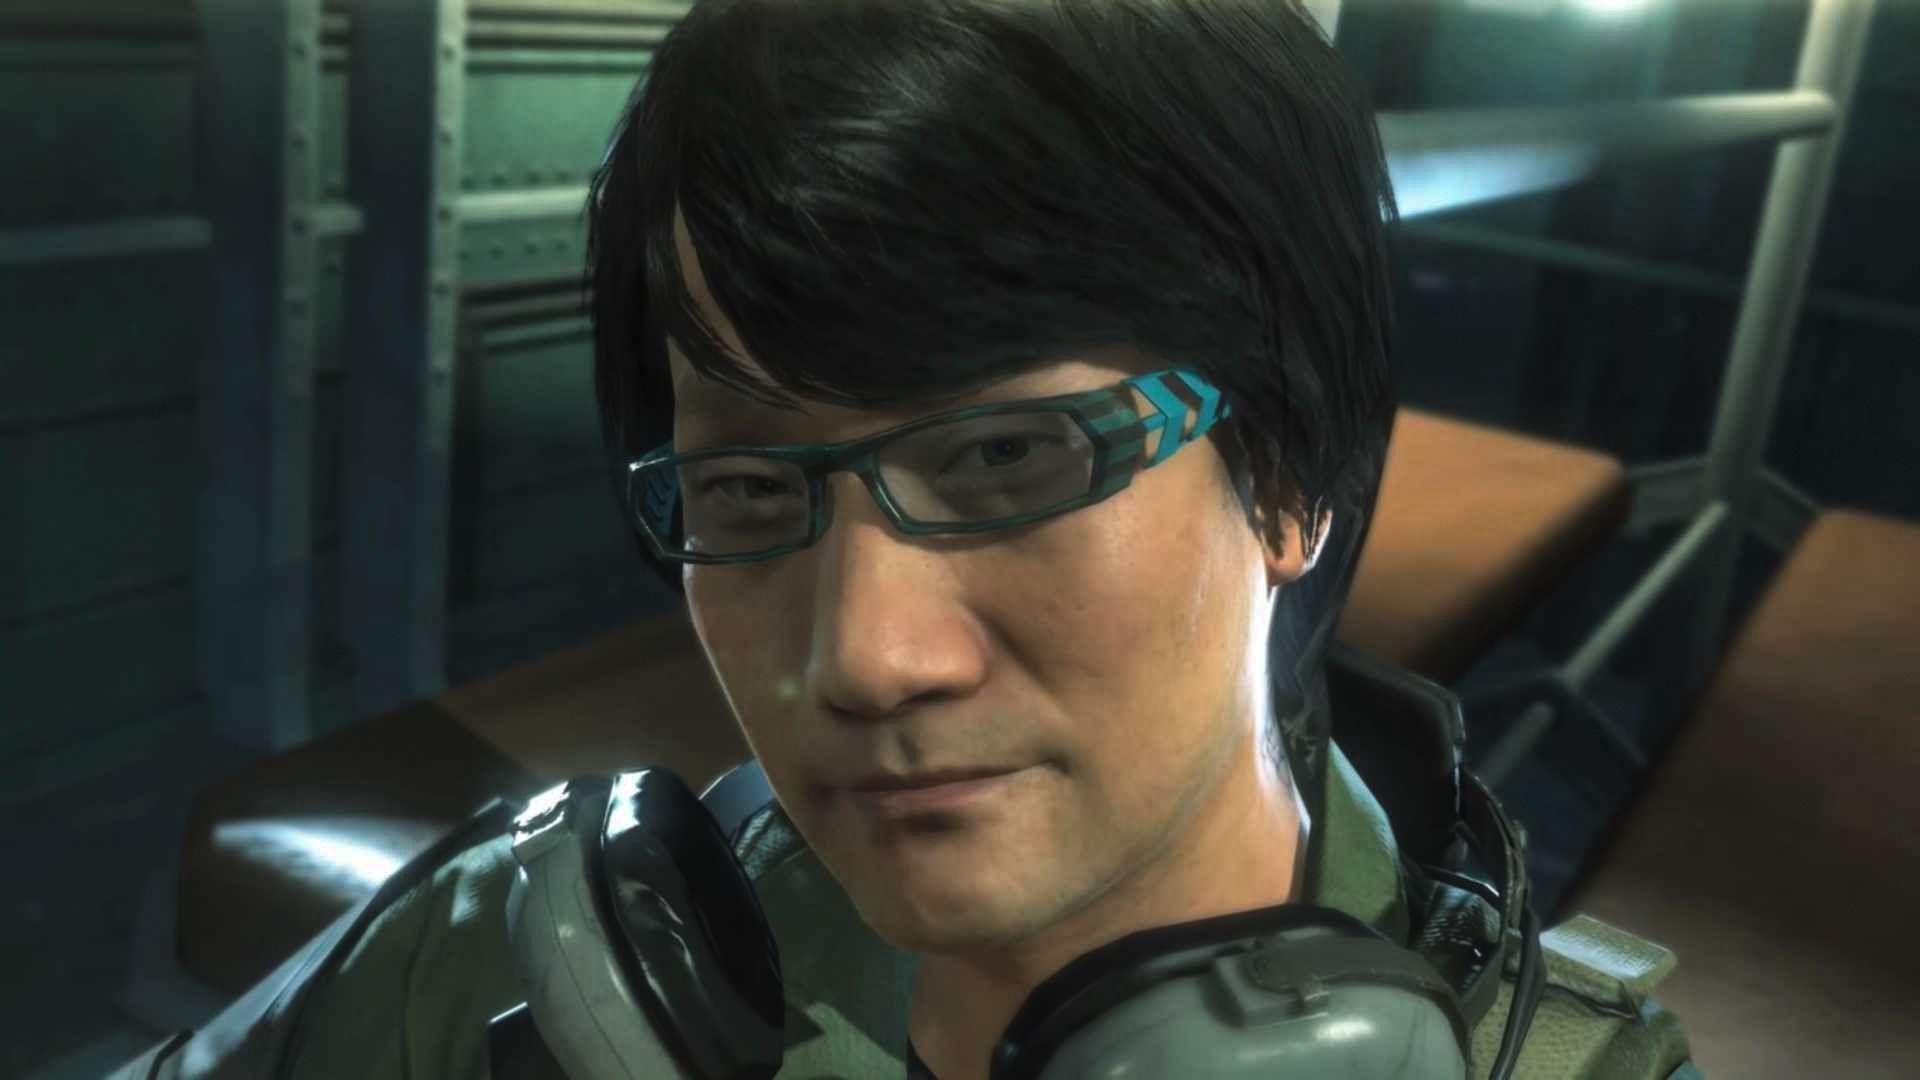 Kojima sa viackrát objavil aj vo vlastných hrách. V Metal Gear Solid V: The Phantom Pain stvárnil sám seba.